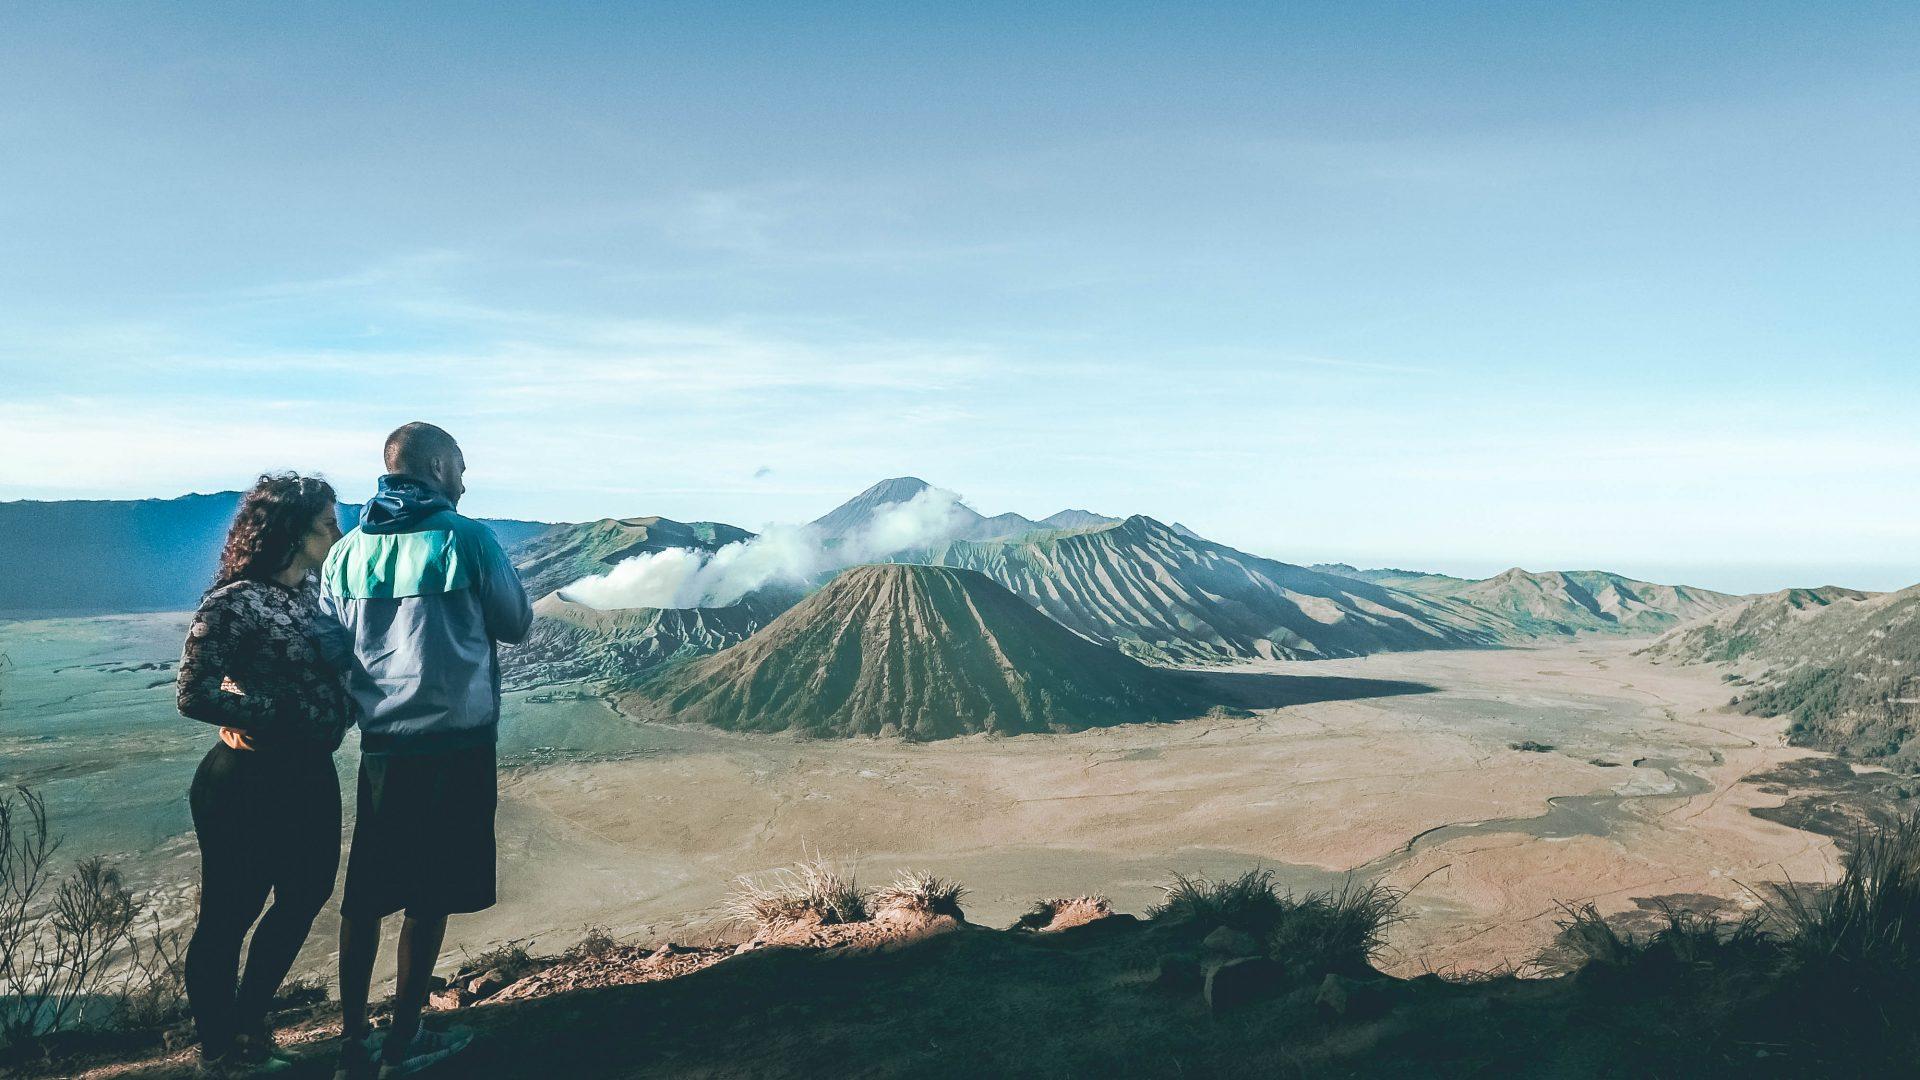 visitar el Volcán Bromo por libre